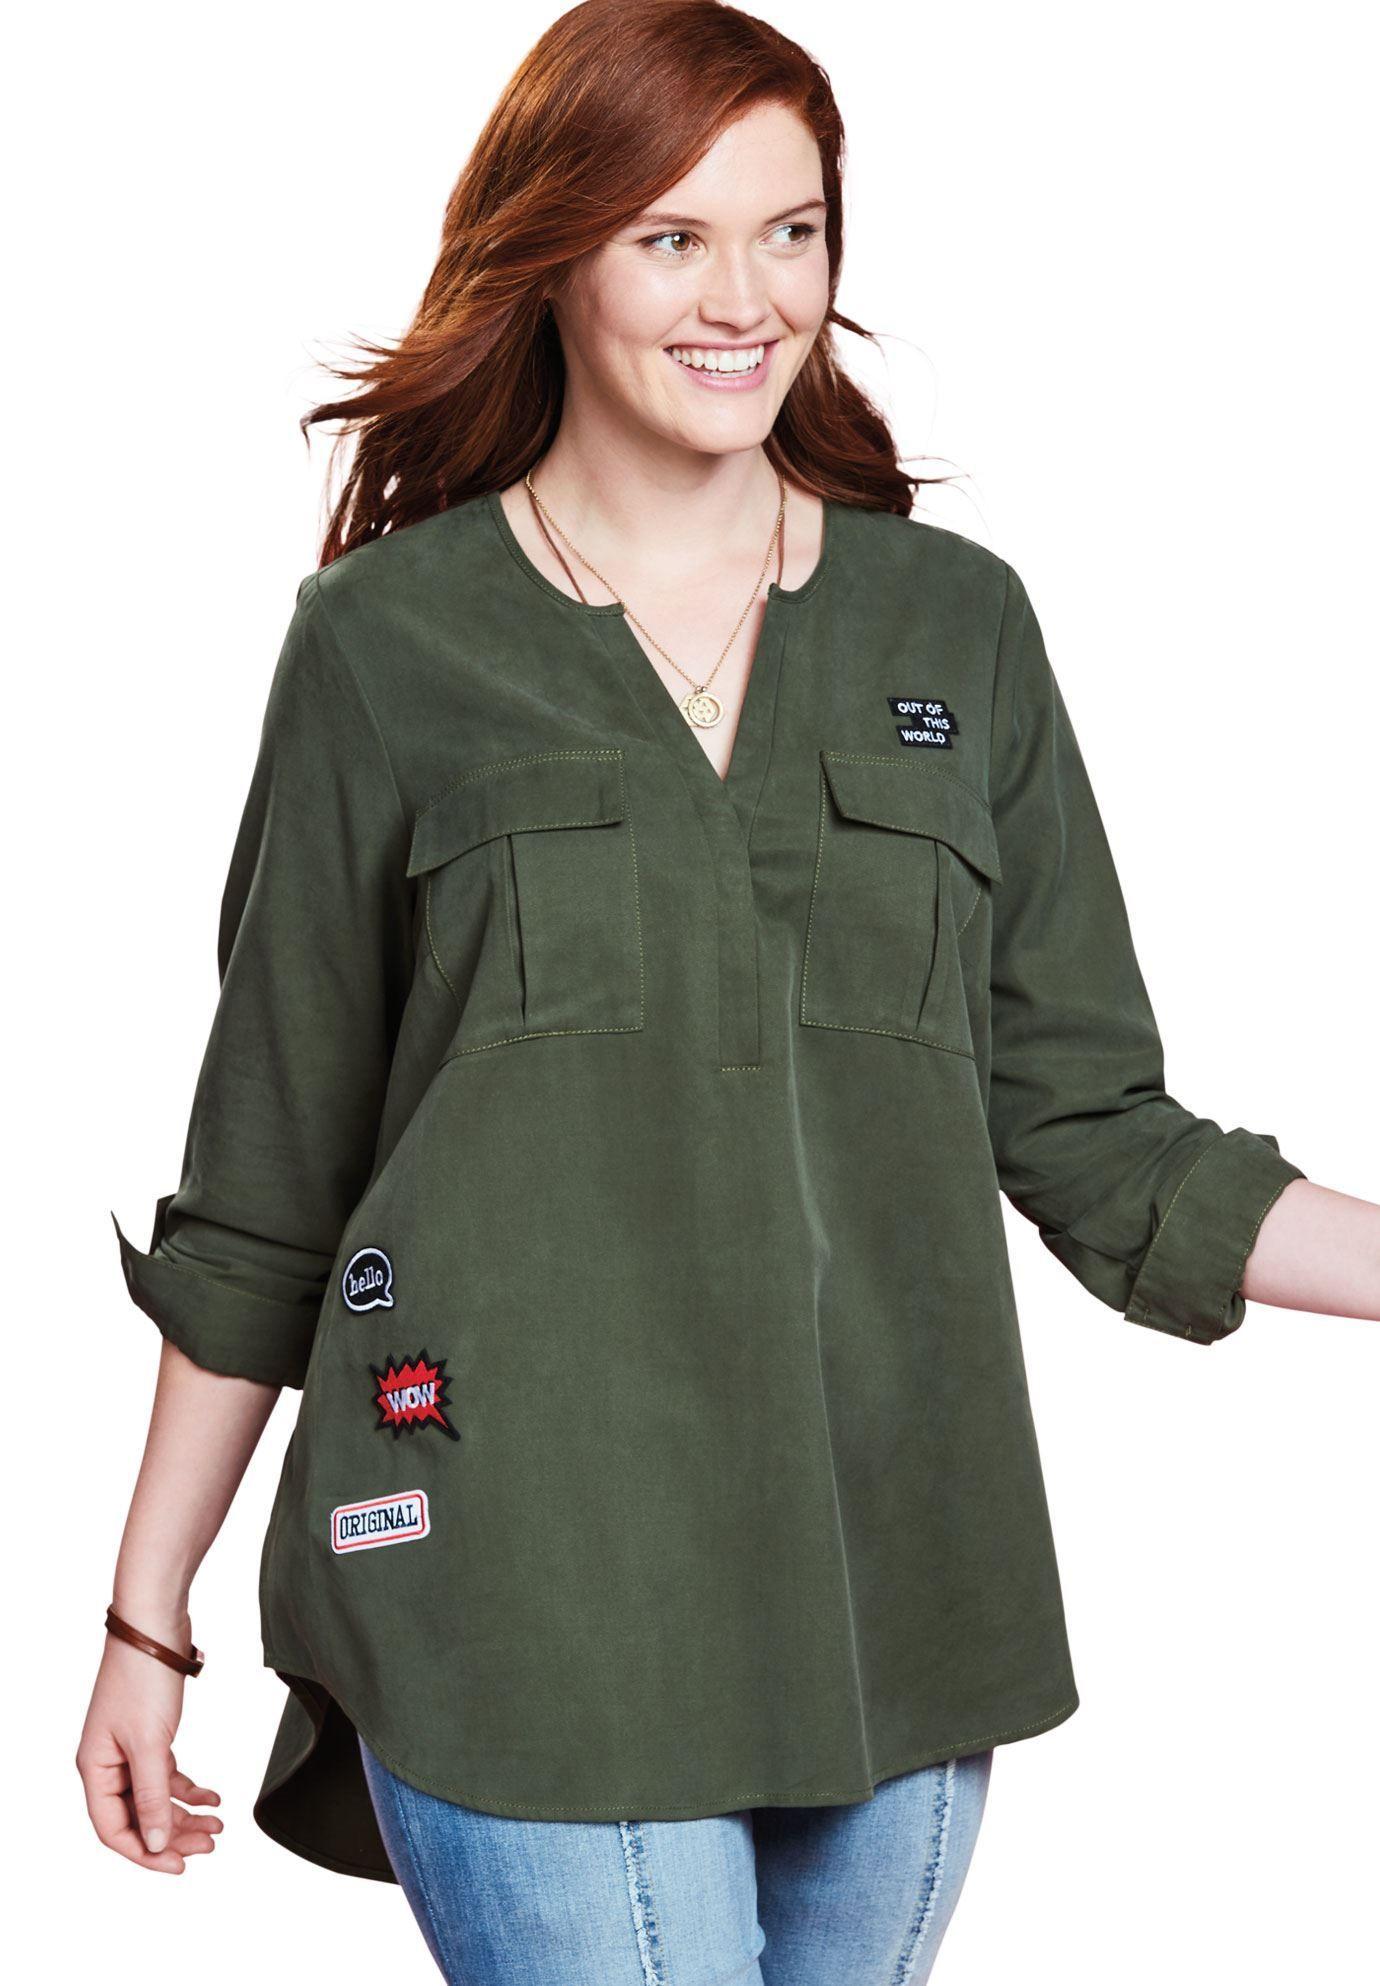 d0fa112d858 Utility Patch Tunic by Chelsea Studio - Women s Plus Size Clothing   plussizecoatstunics